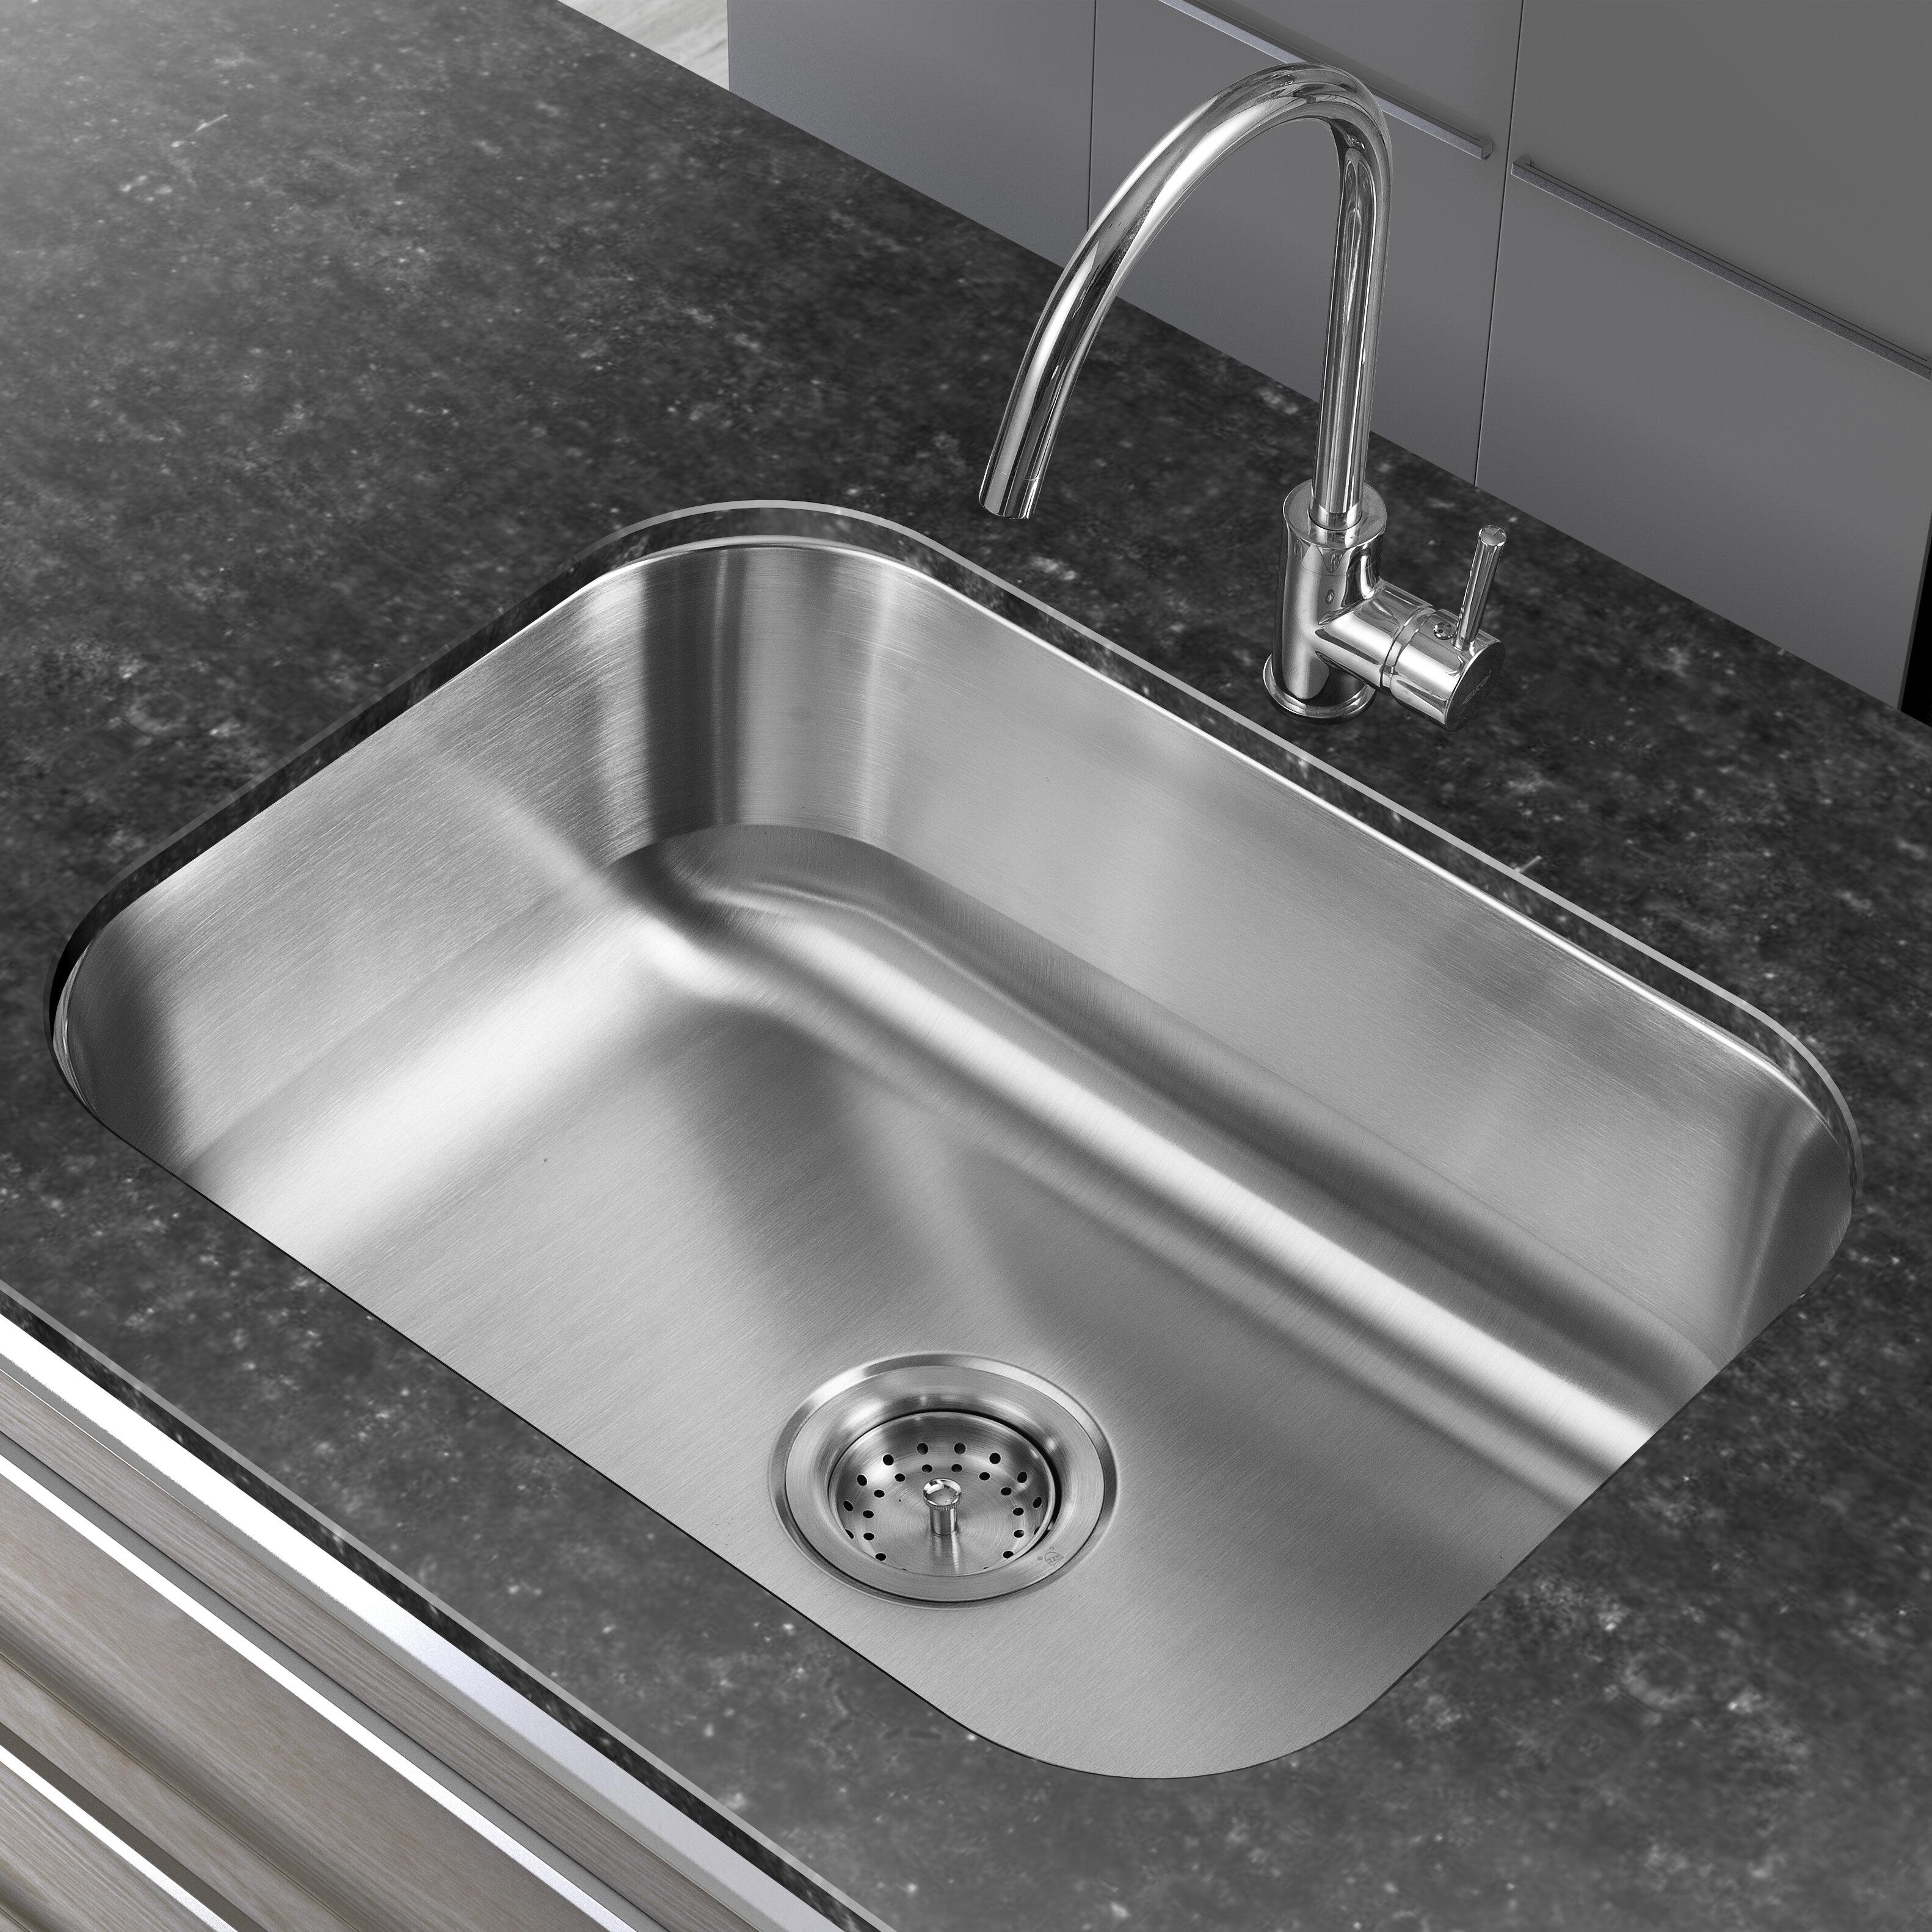 winpro 23 38   x 17 75   single basin undermount kitchen sink  u0026 reviews   wayfair winpro 23 38   x 17 75   single basin undermount kitchen sink      rh   wayfair com